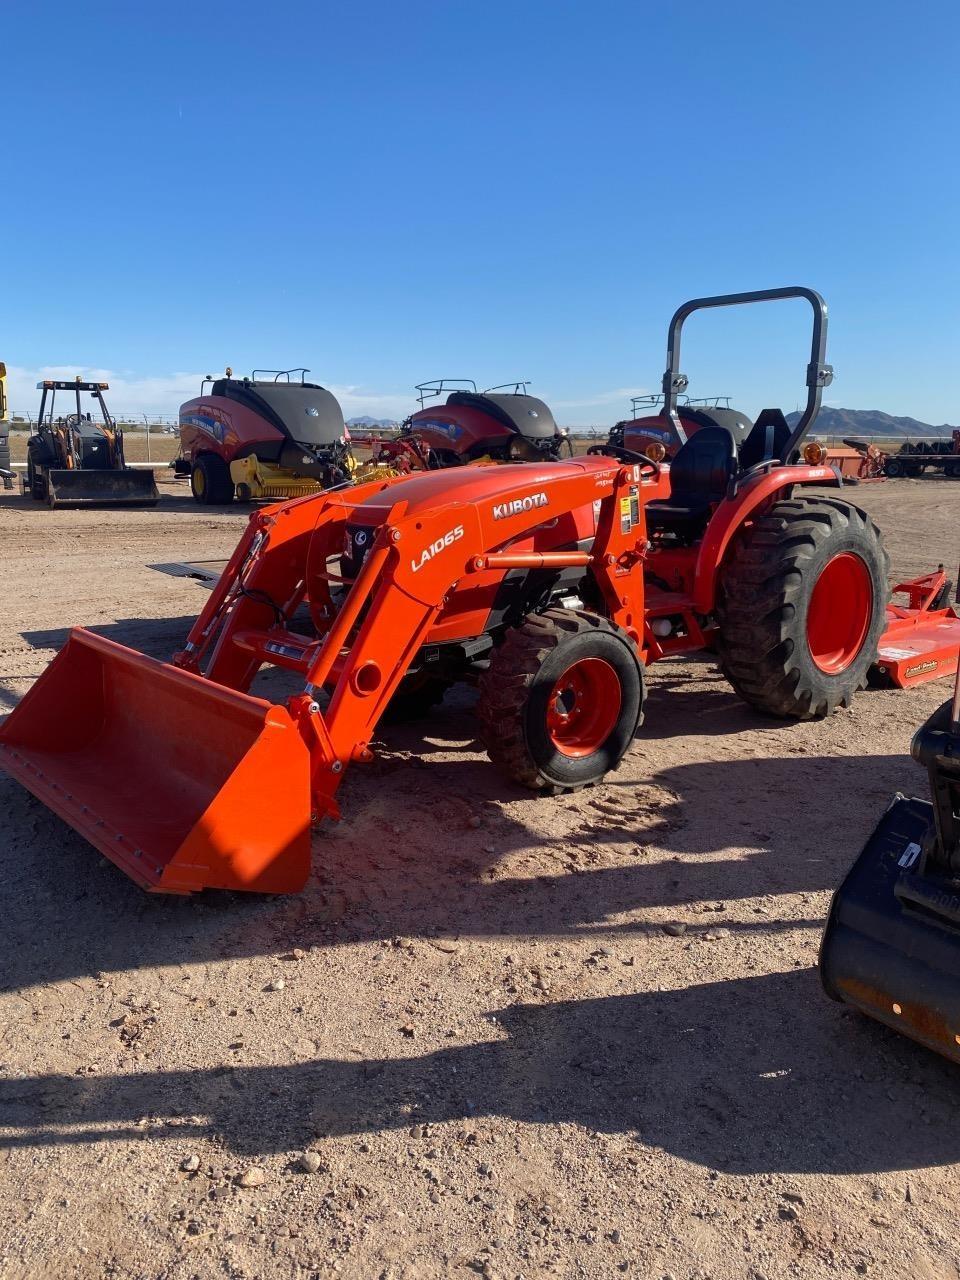 2018 Kubota MX5800HST Tractor